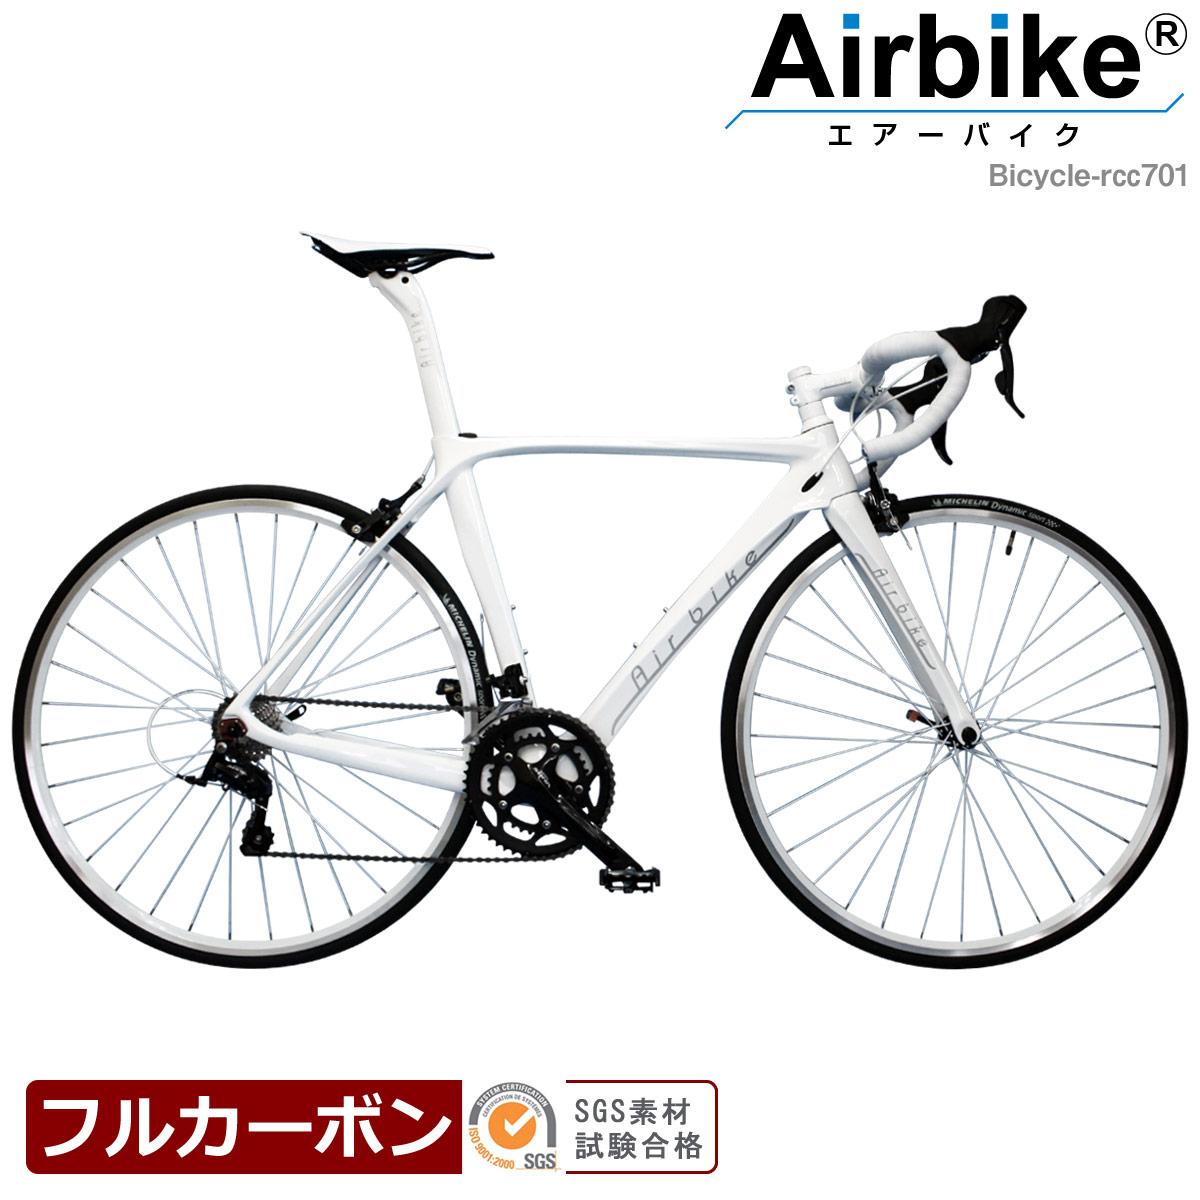 フルカーボン ロードバイク カーボン Airbike Japan エアーバイクジャパン 700C 24T-700T 炭素繊維仕様 シマノ製18段変速 SHIMANO SORA使用